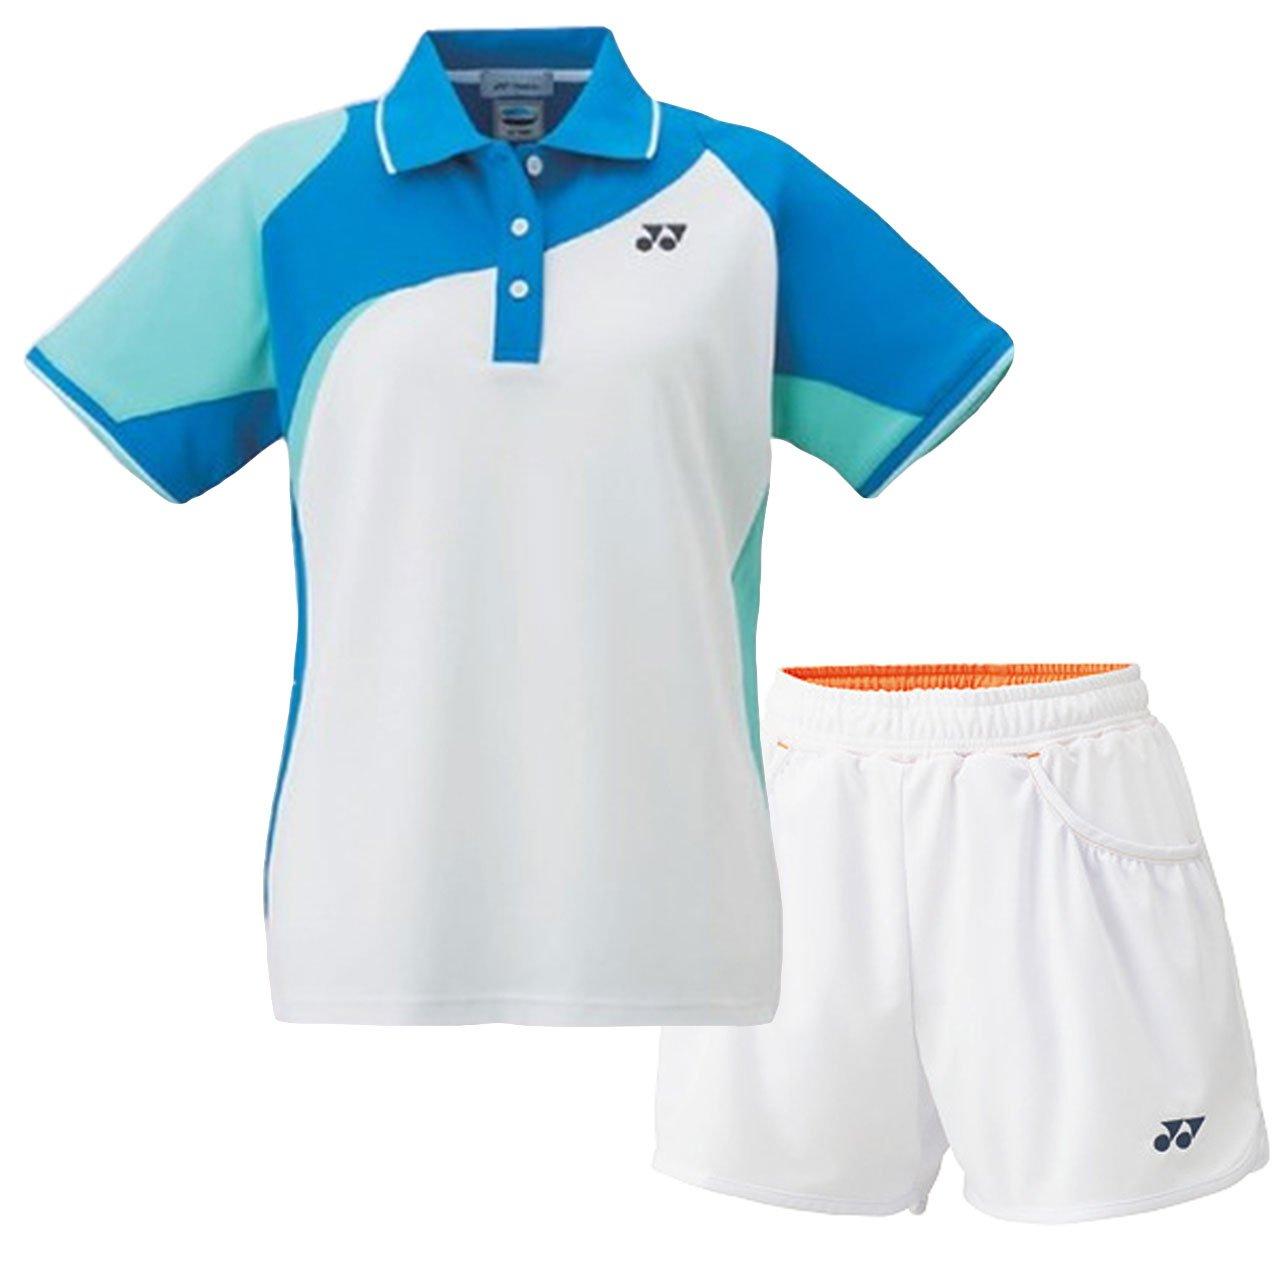 ヨネックス(YONEX) レディース ゲームシャツ&ニットショートパンツ 上下セット(ホワイトブルー/ホワイト) 20434-207-25019-011 B07BGYS11S ホワイトブルー×ホワイト S